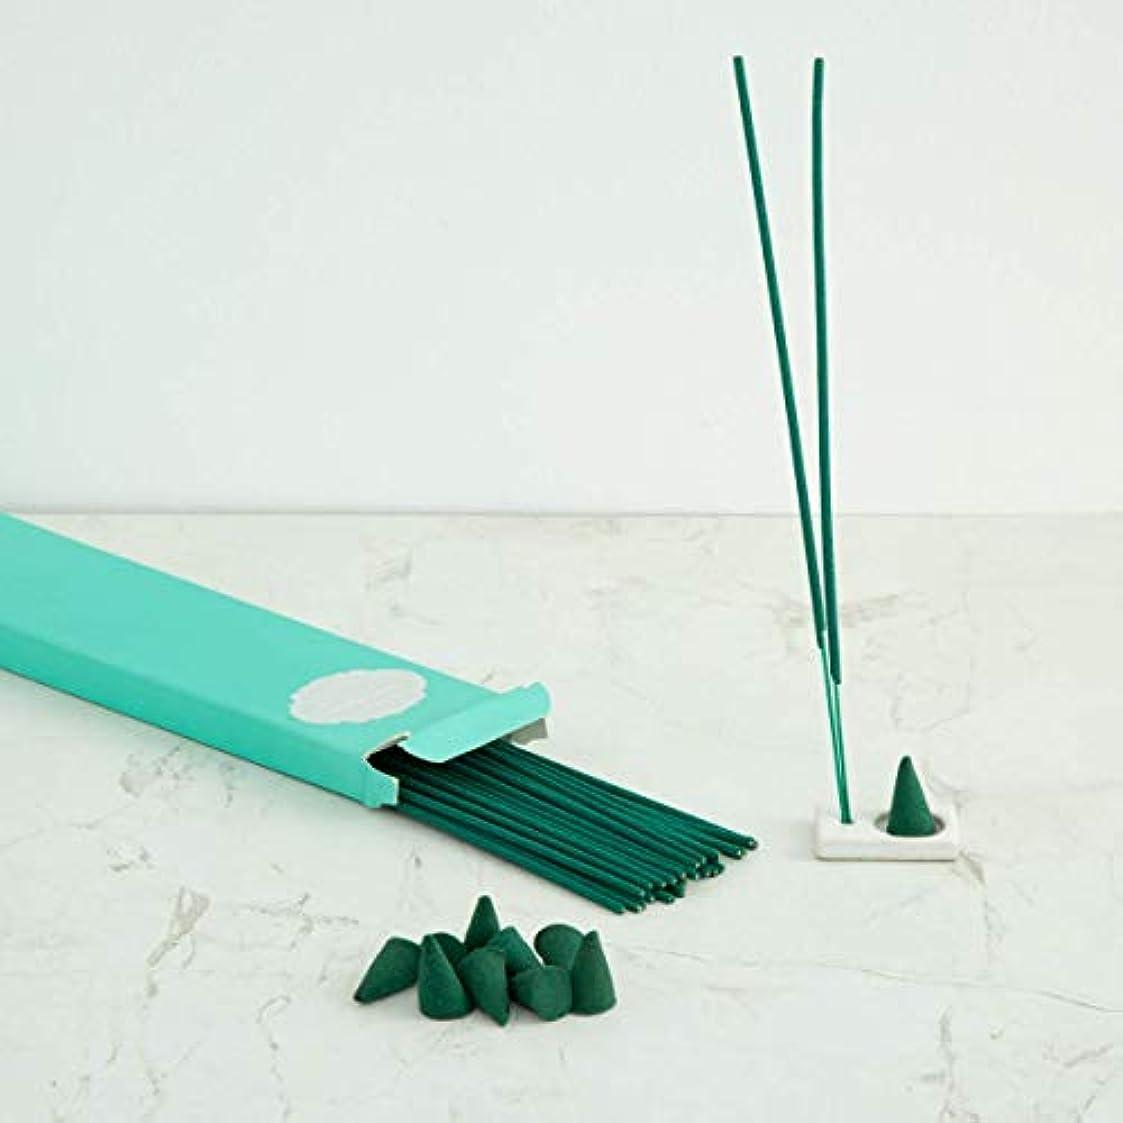 しっとり瞳間隔Home Centre Redolance Chirping Woods Incense Sticks and Cones - Blue